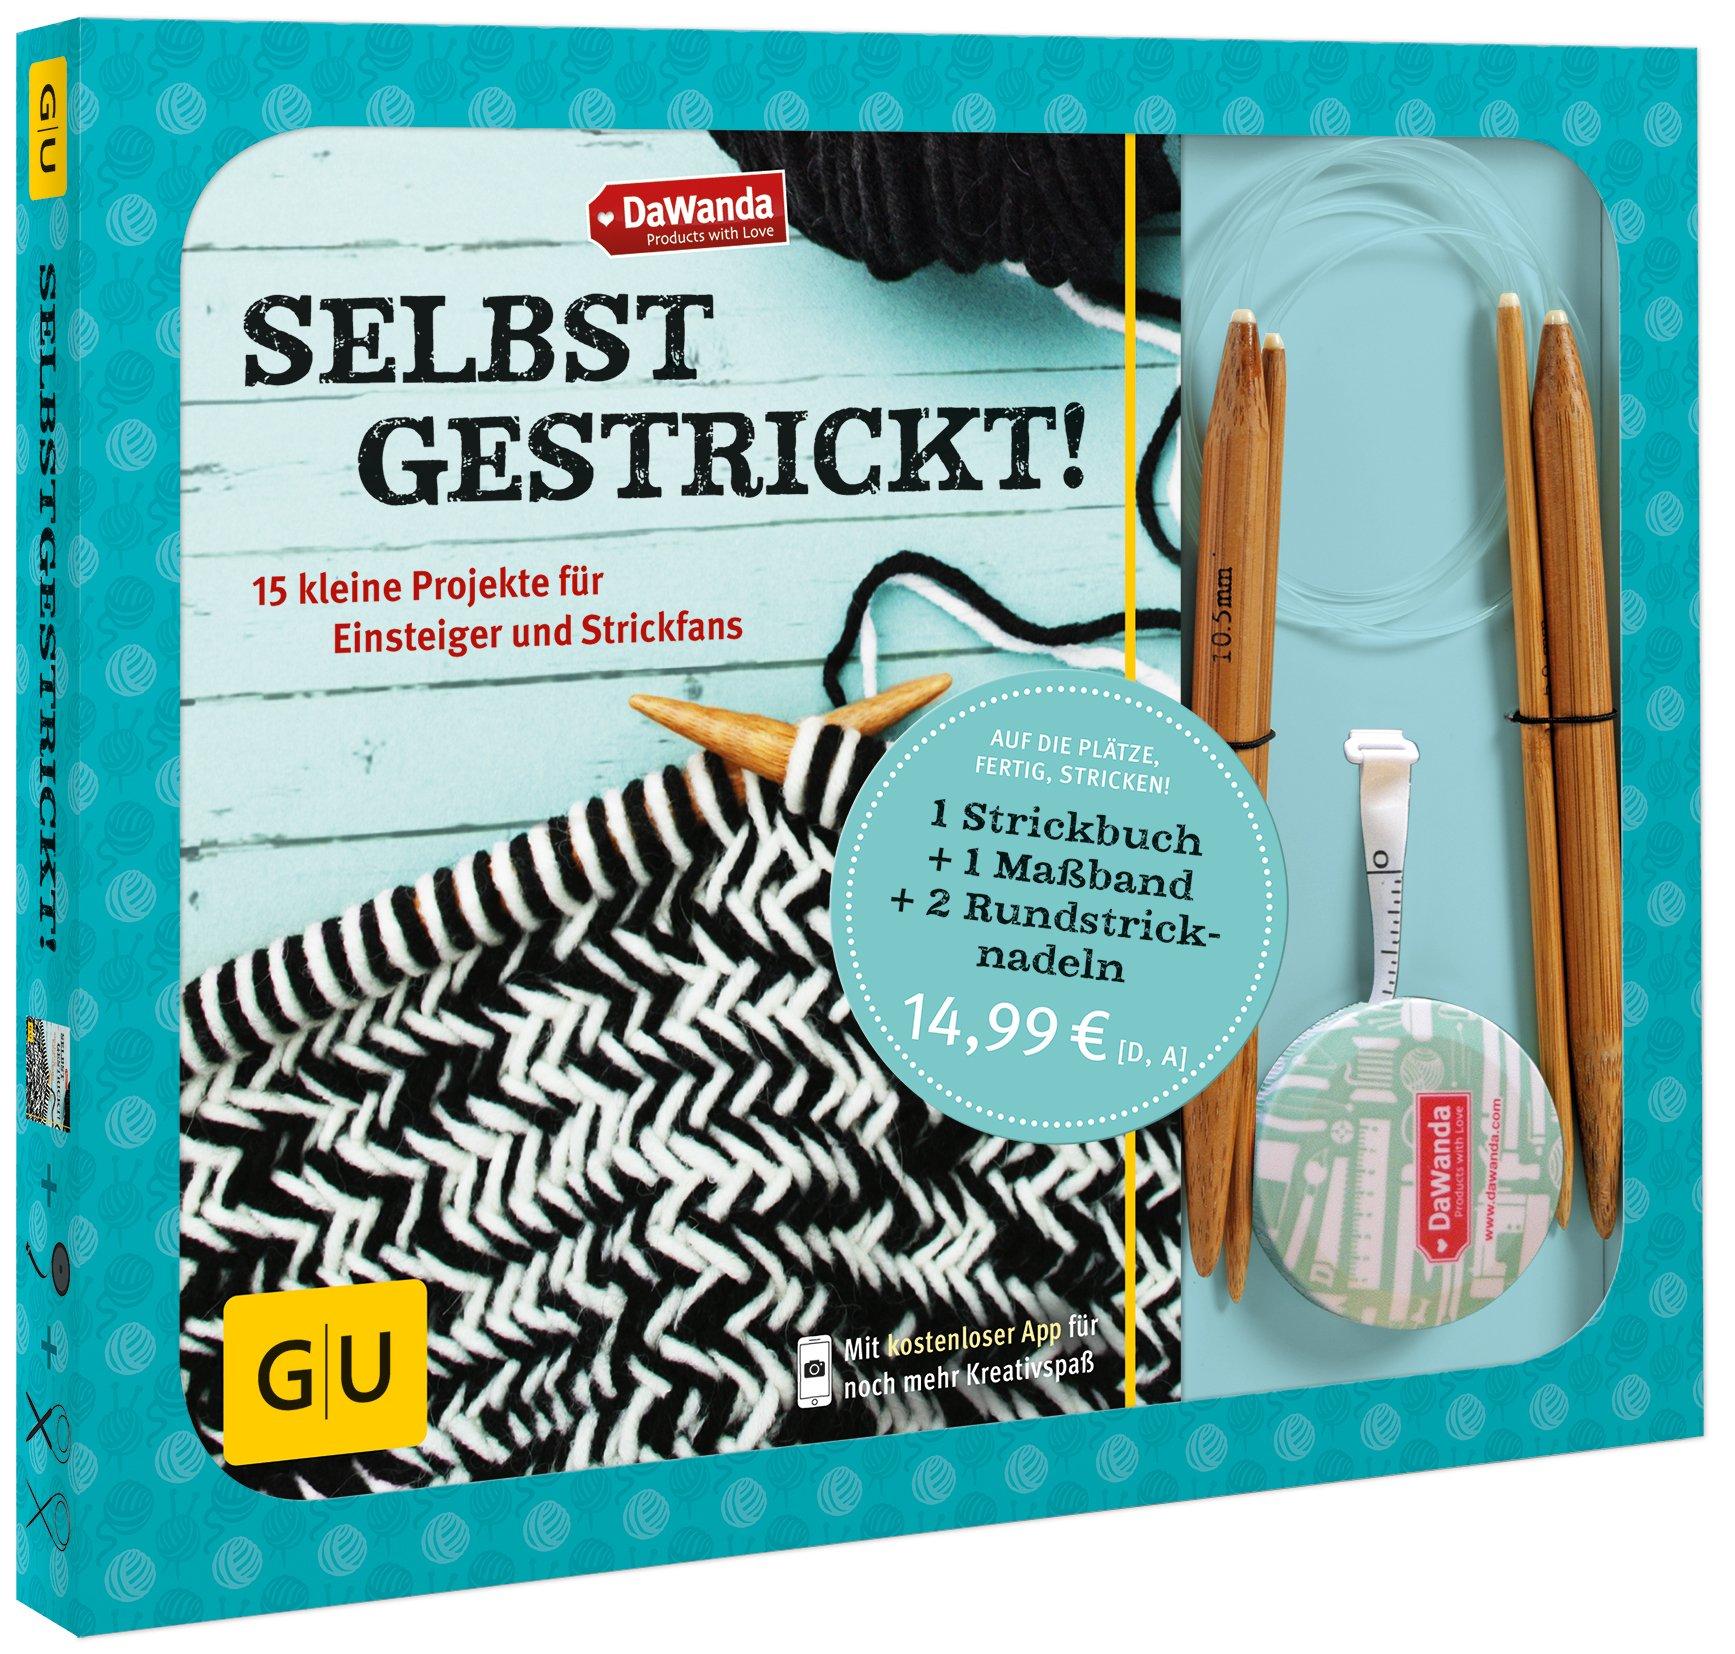 Set: DaWanda: Selbstgestrickt!: 15 kleine Projekte für Einsteiger und Strickfans (GU Kreativ Spezial)